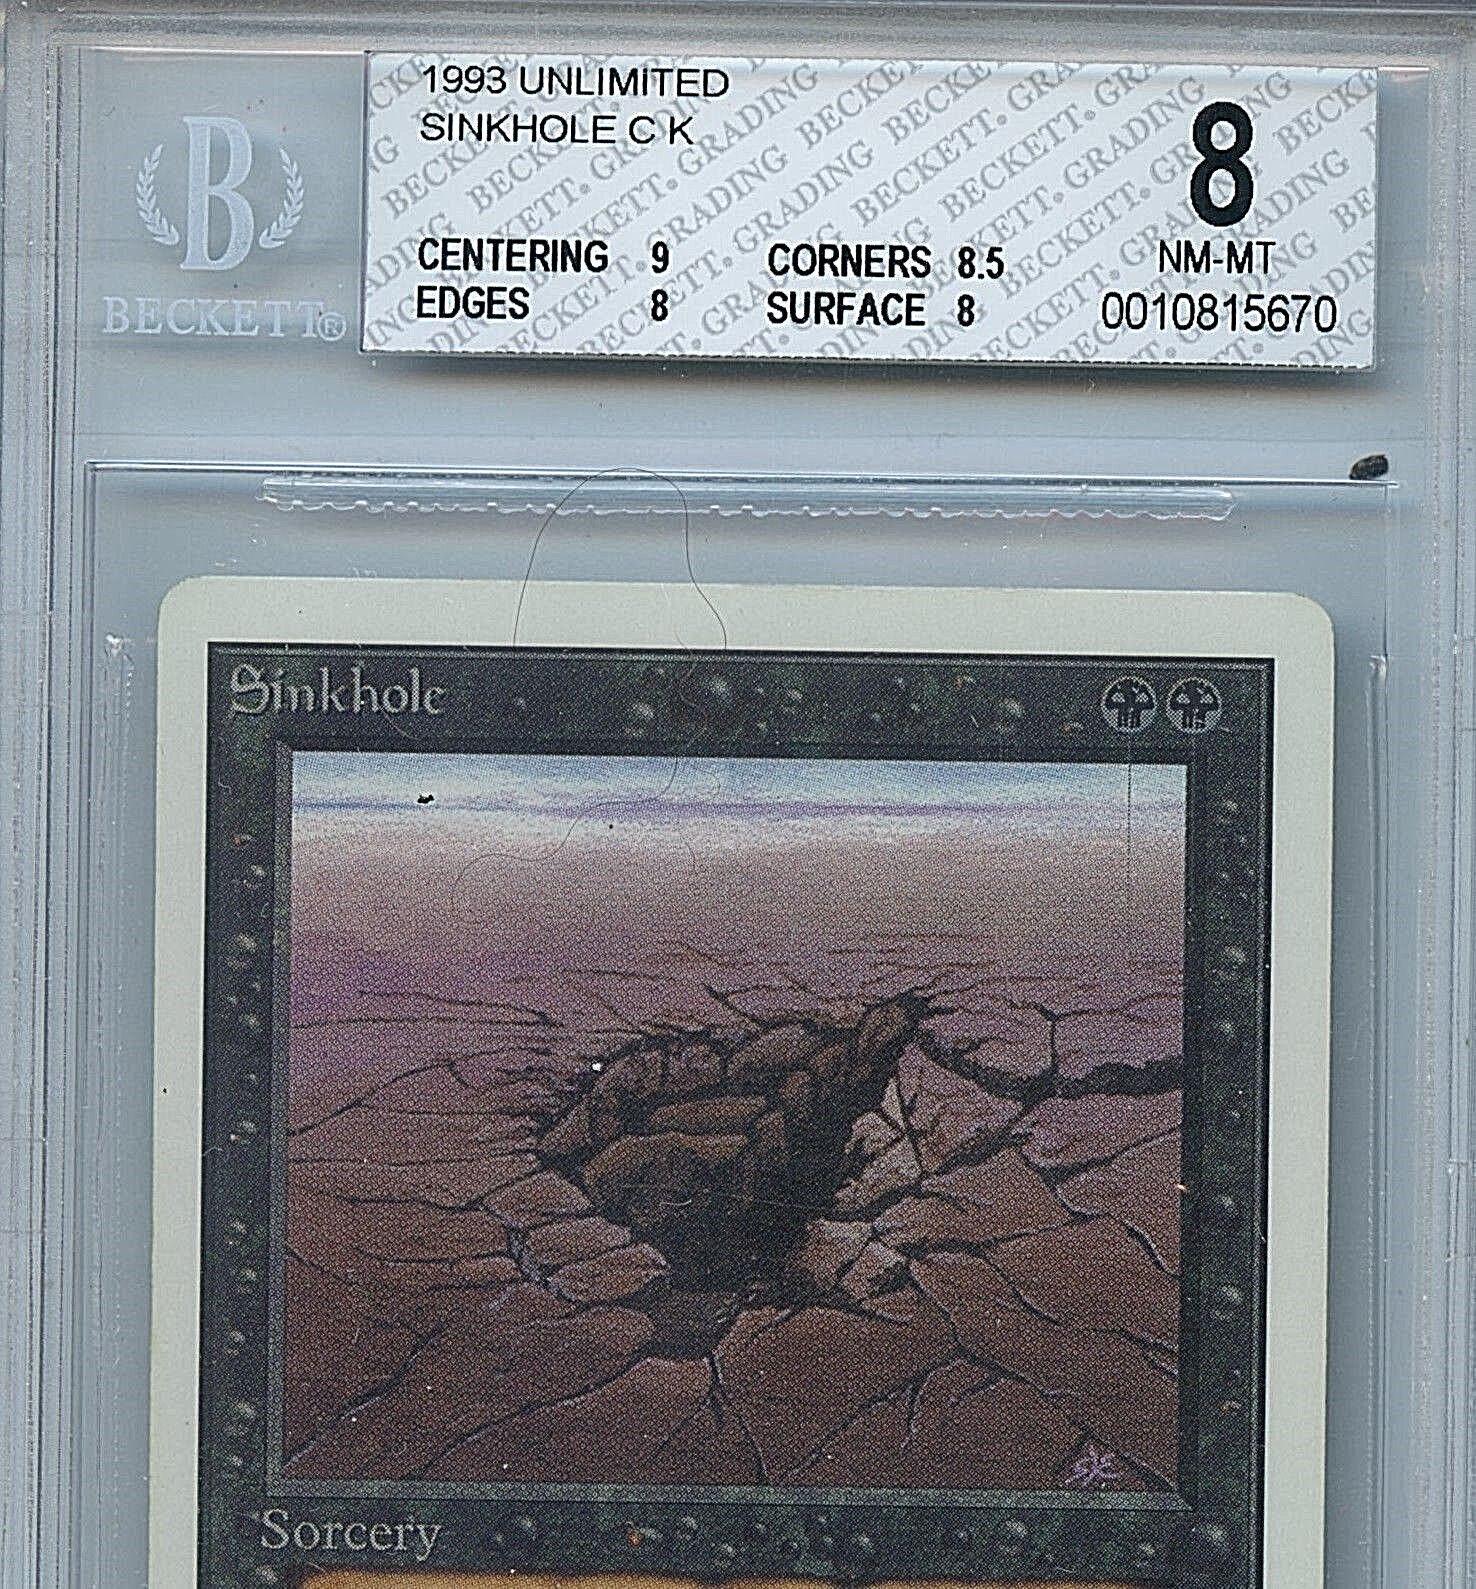 MTG Unlimited Sinkhole Magic WOTC BGS BGS BGS 8 NM-MT Mint Magic  Card Amricons 5670 0b0cc4